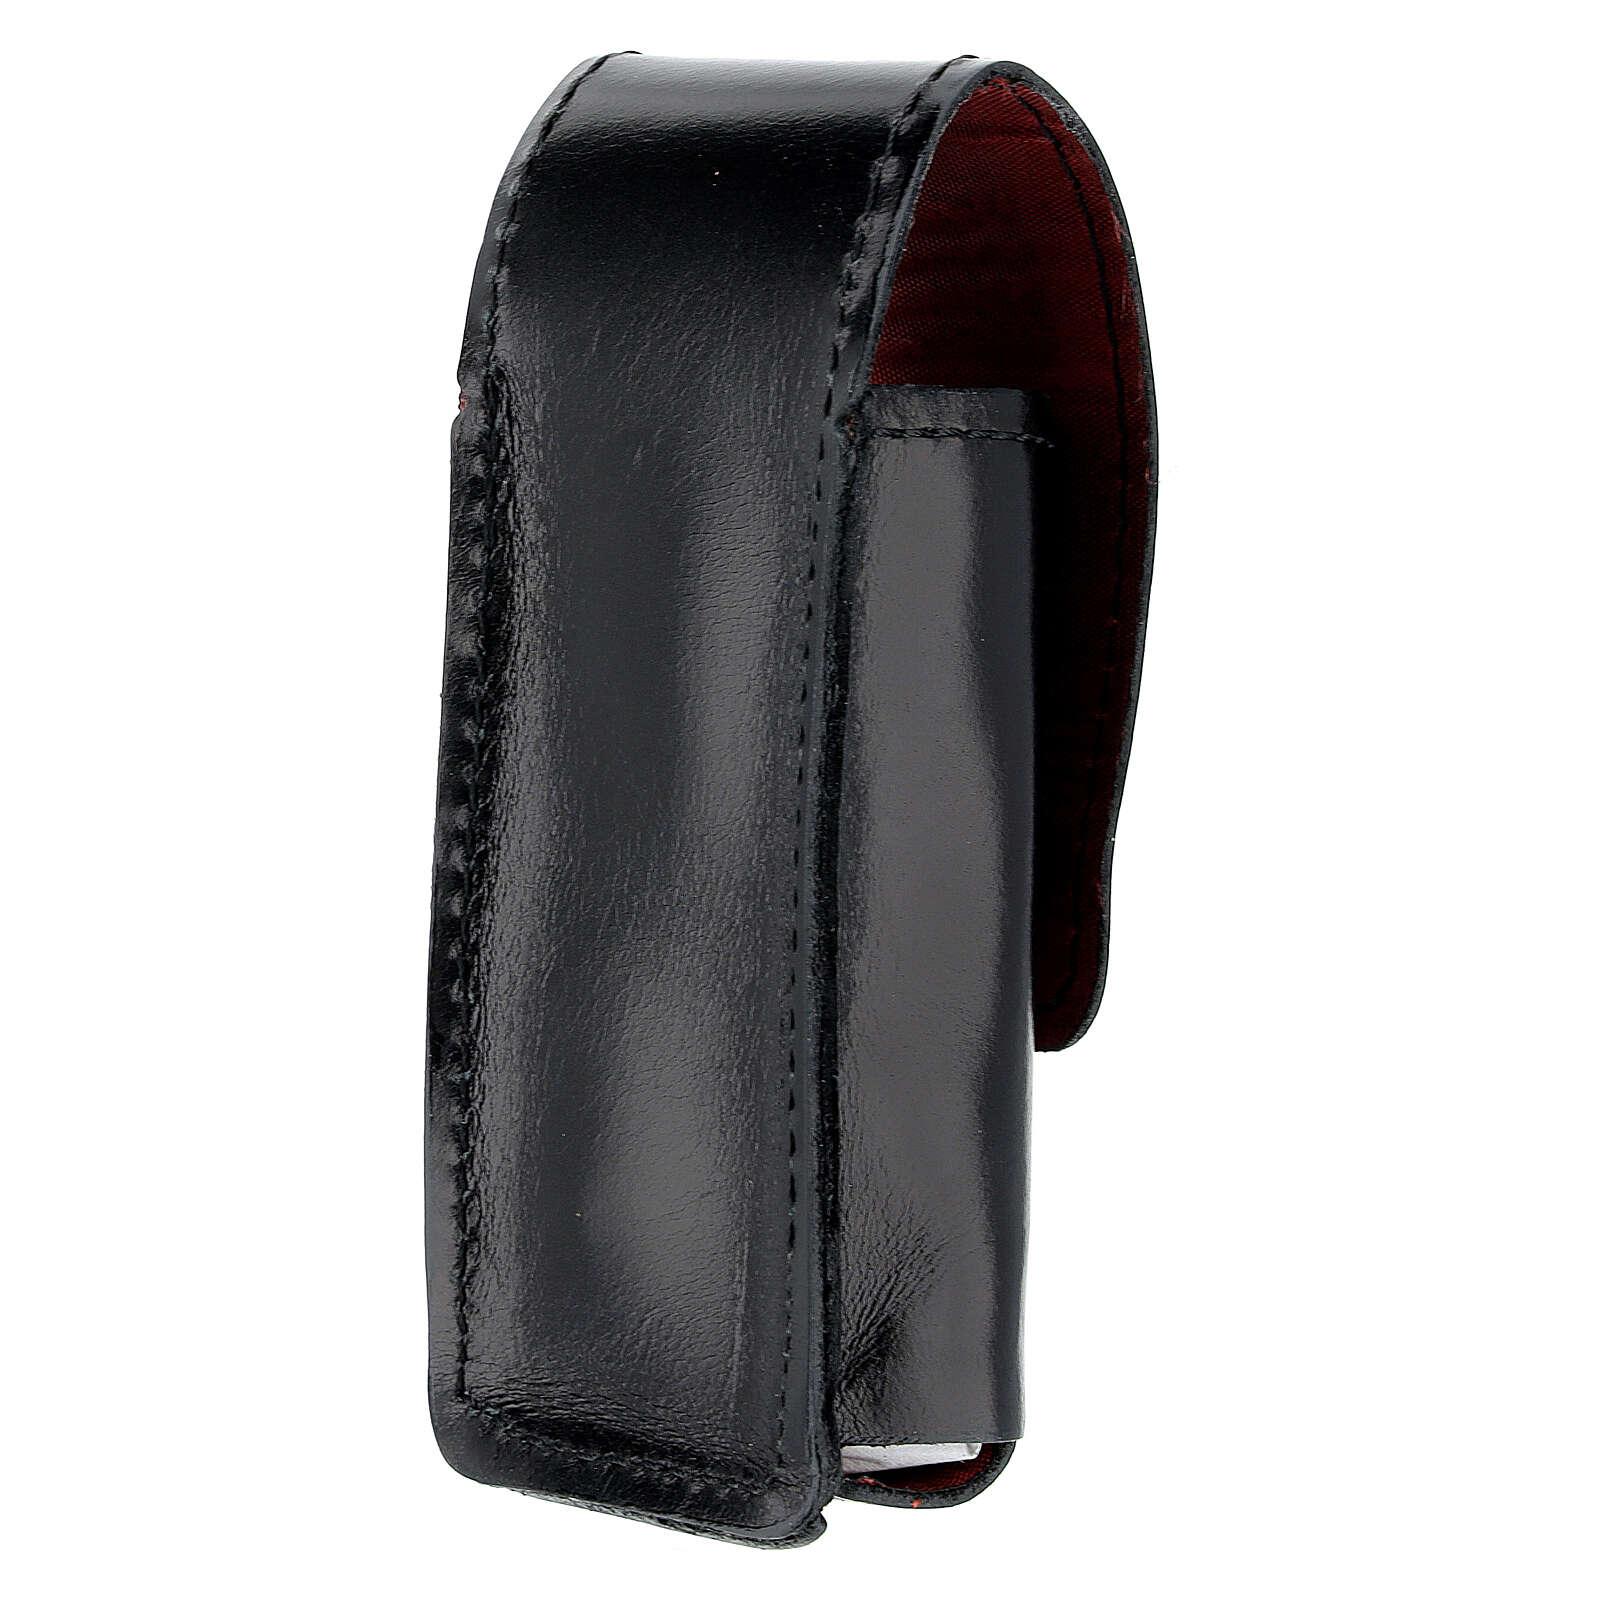 Black leather 9 cm aspergillum case 3